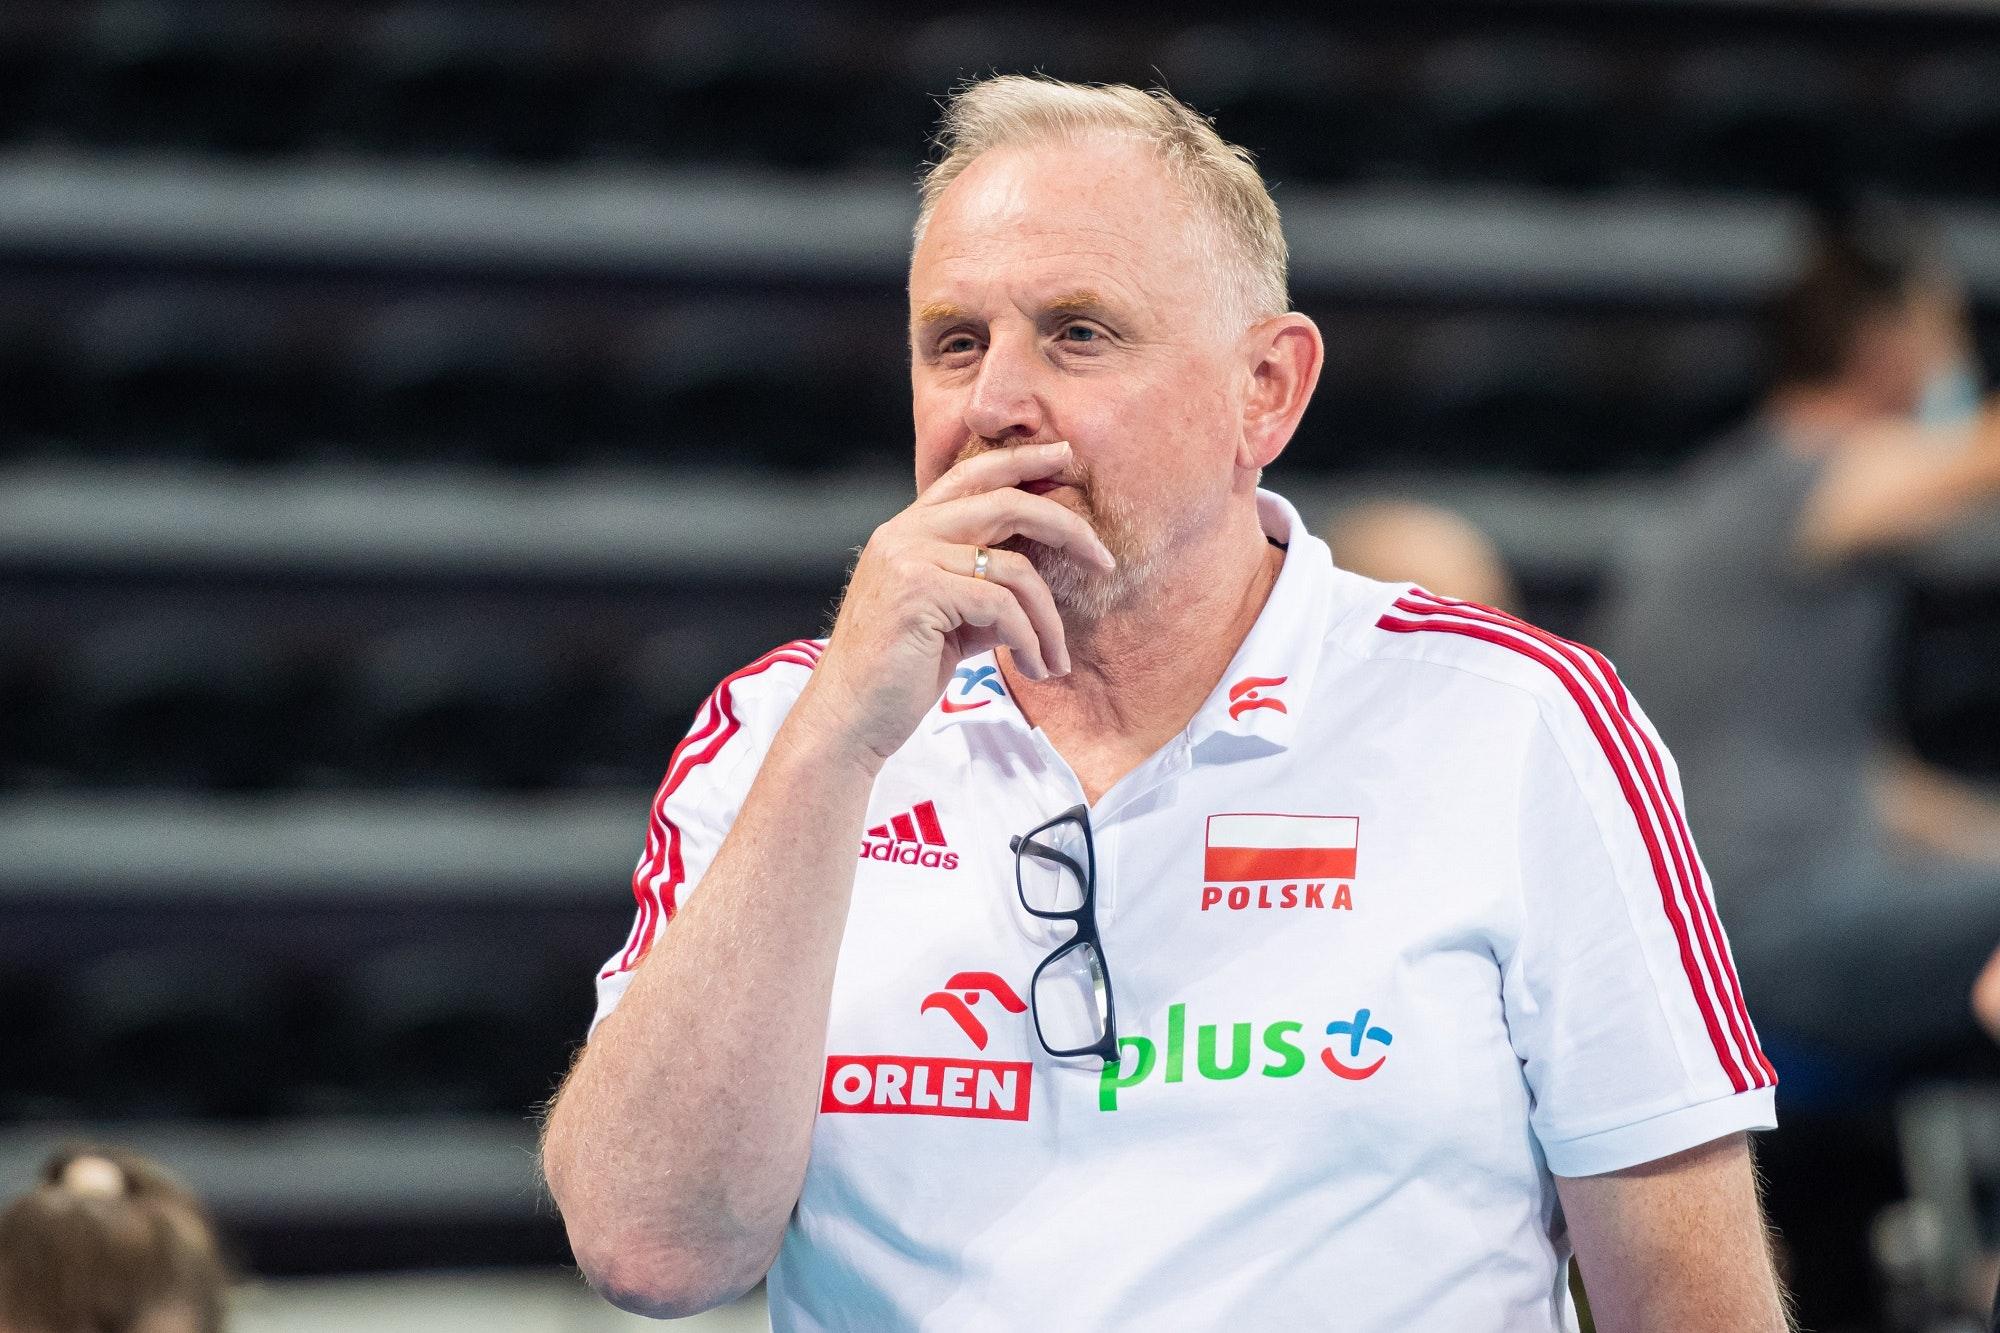 Siatkówka kobiet. Jacek Nawrocki